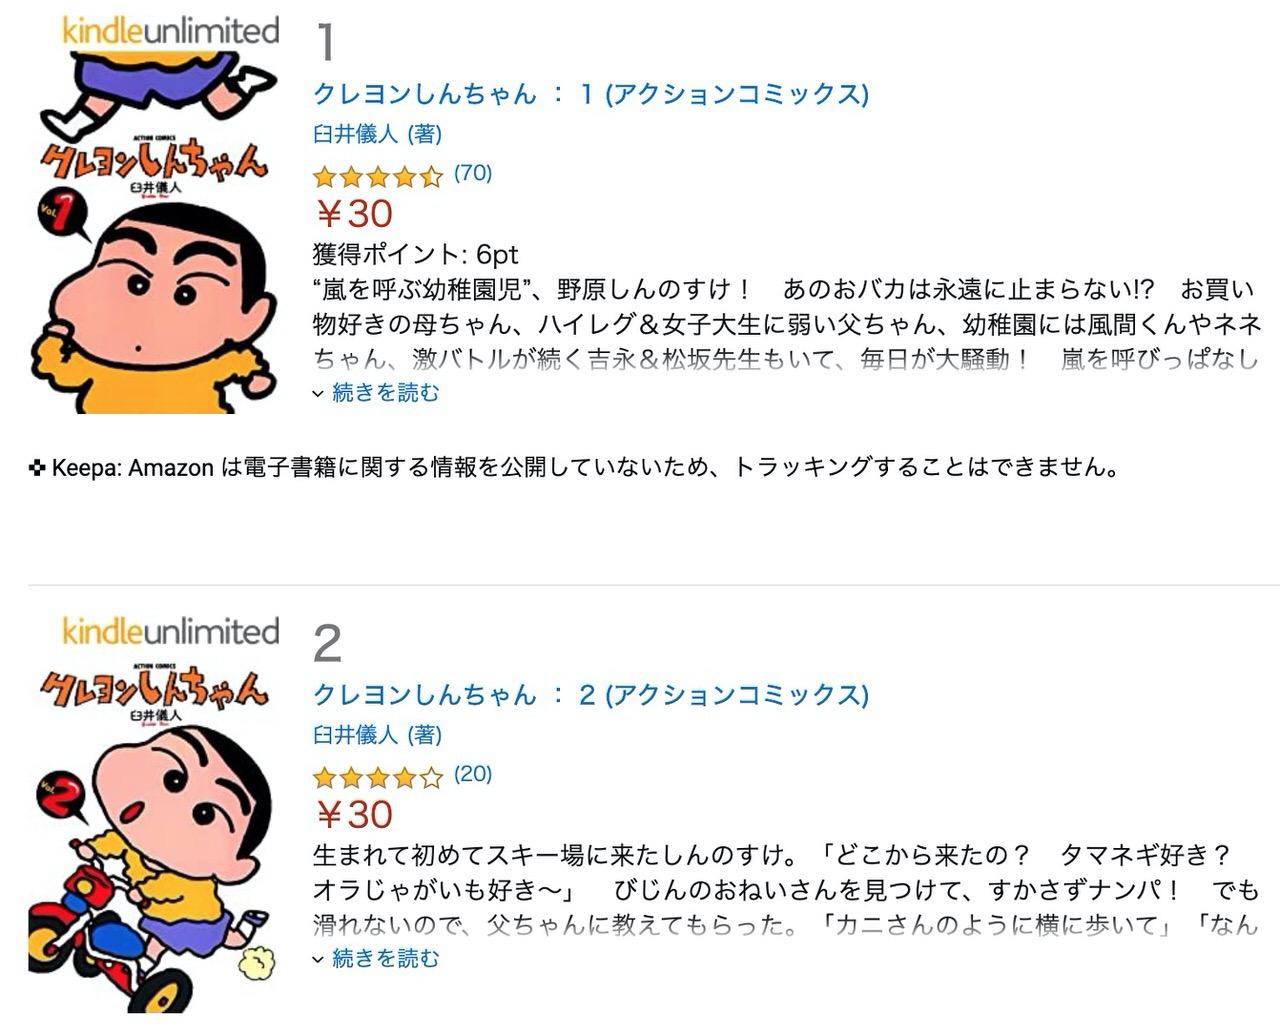 【Kindleセール】「クレヨンしんちゃん」1〜30巻が1冊30円キャンペーン実施中